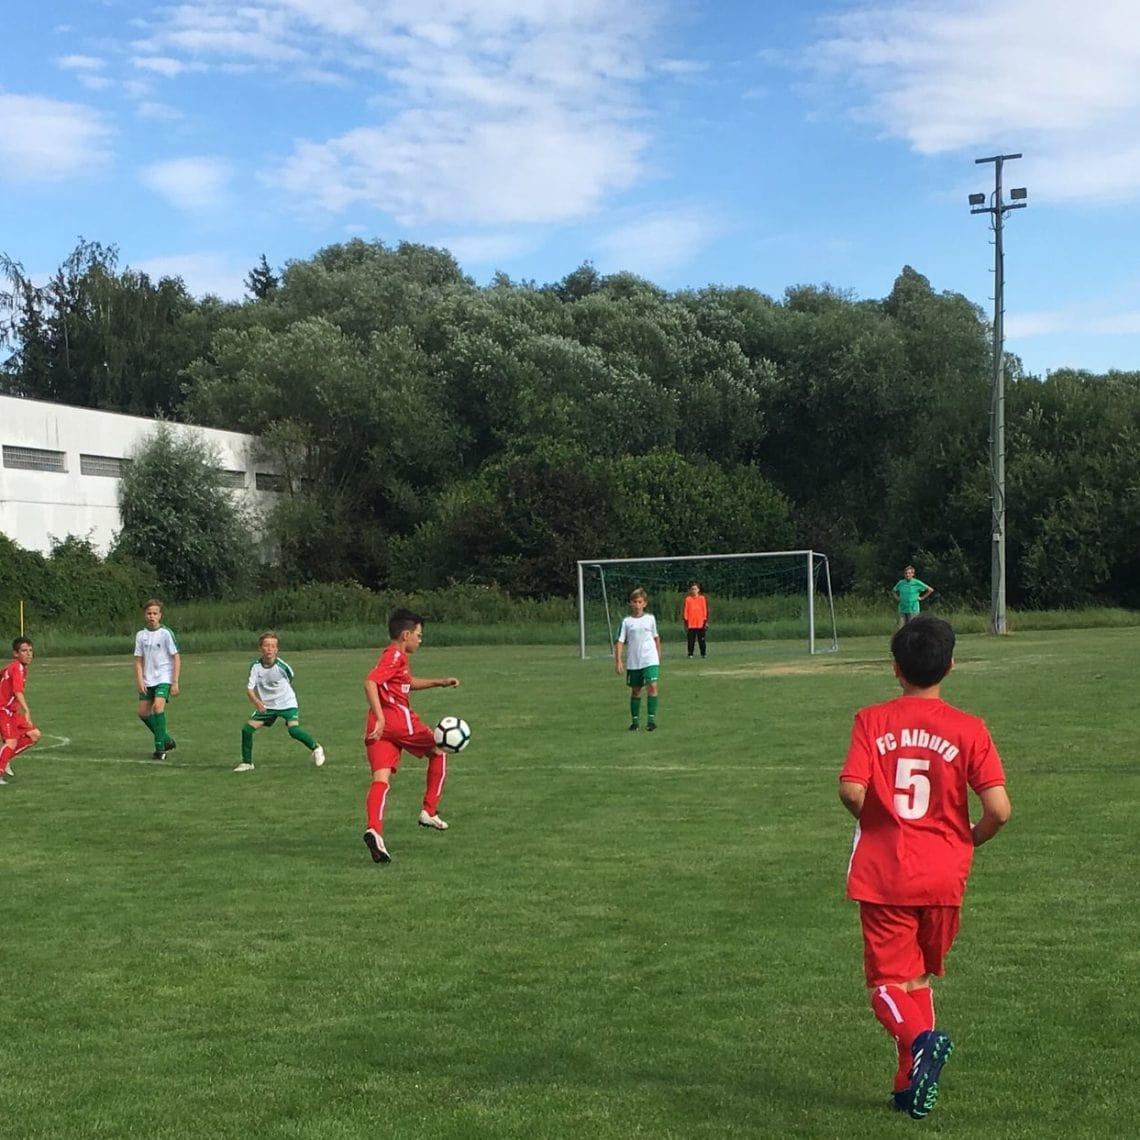 Blizz Leserreporter JFG Donautal Turniersieger bei SV Sallern